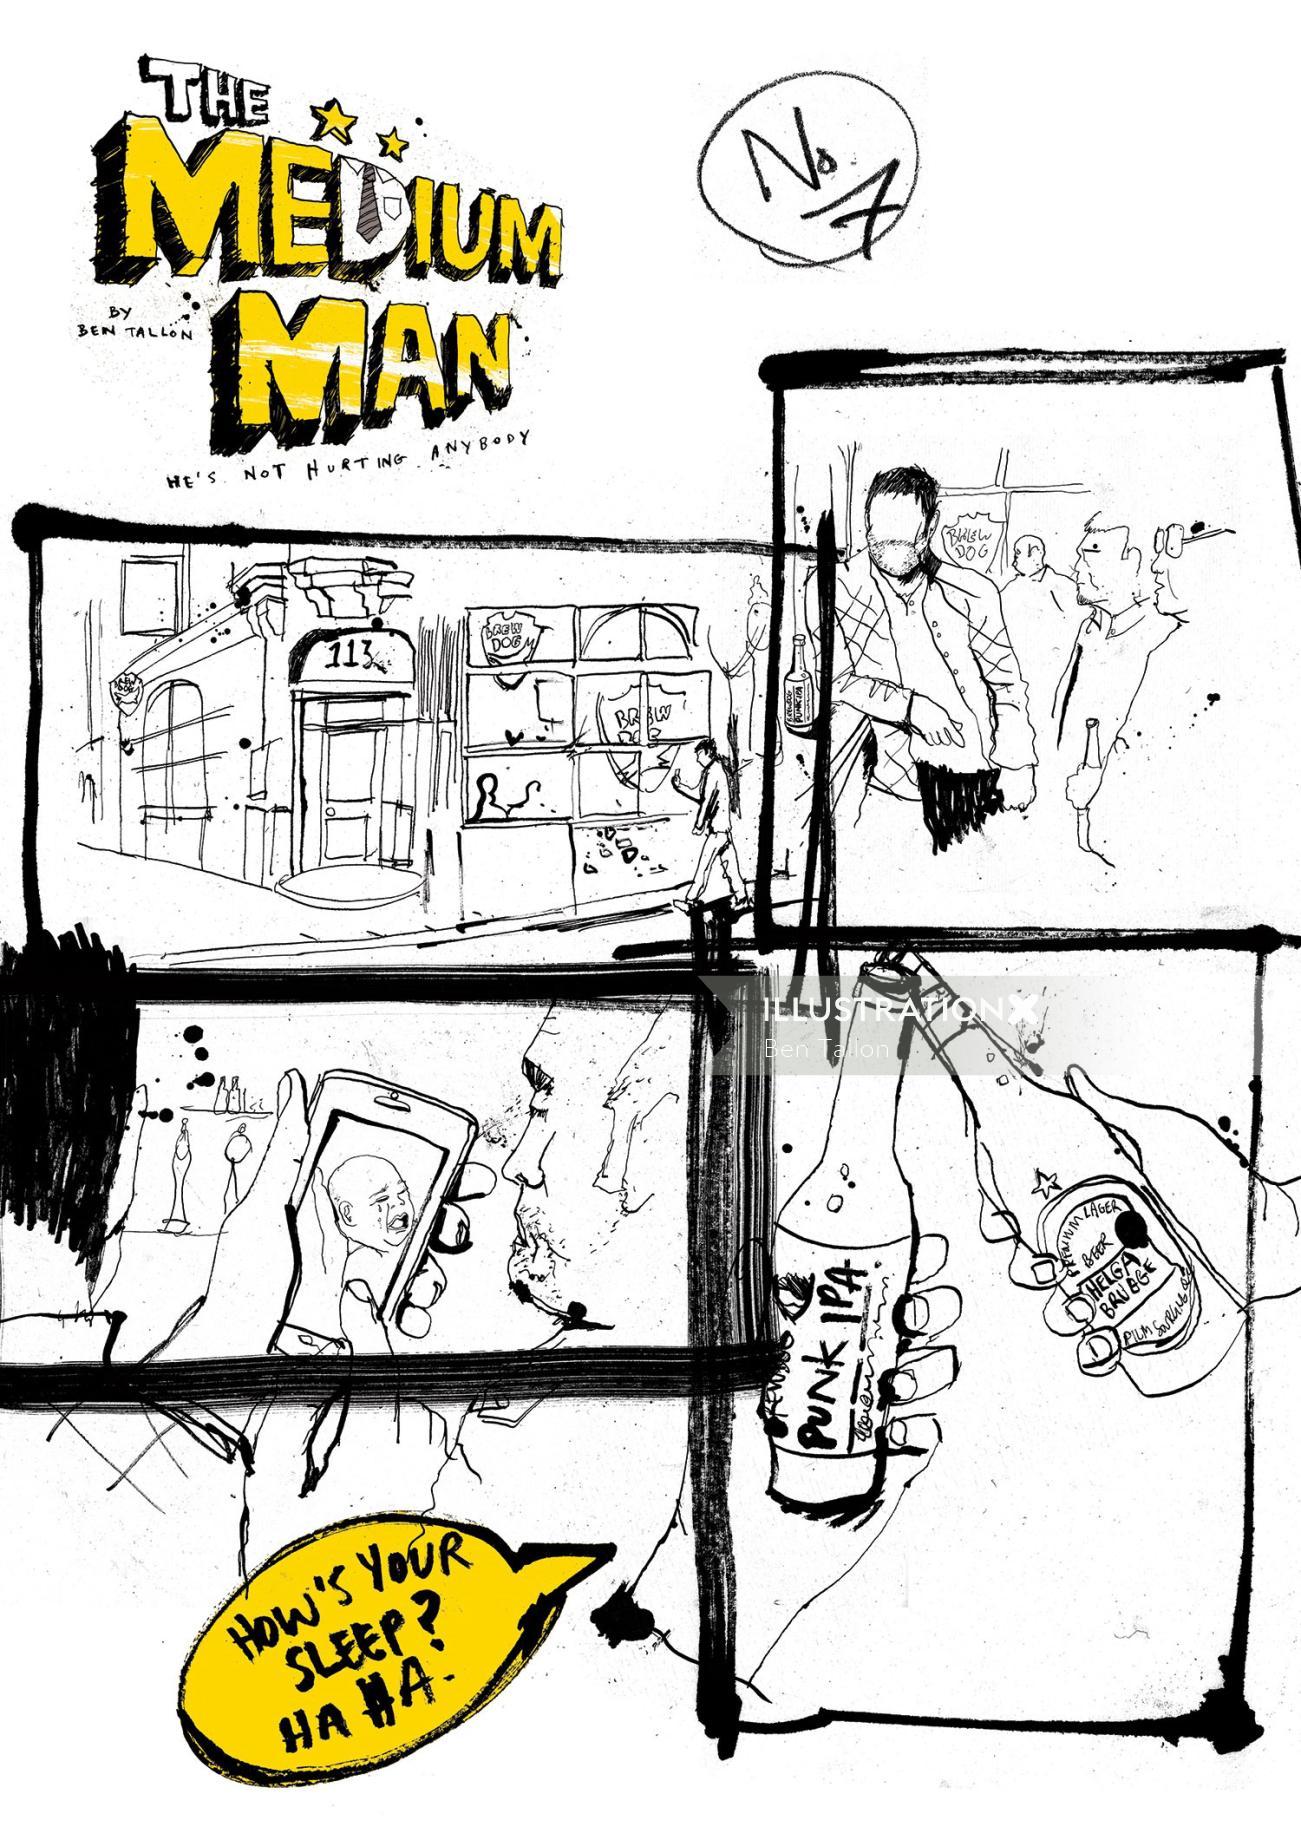 Novel illustration of medium-man